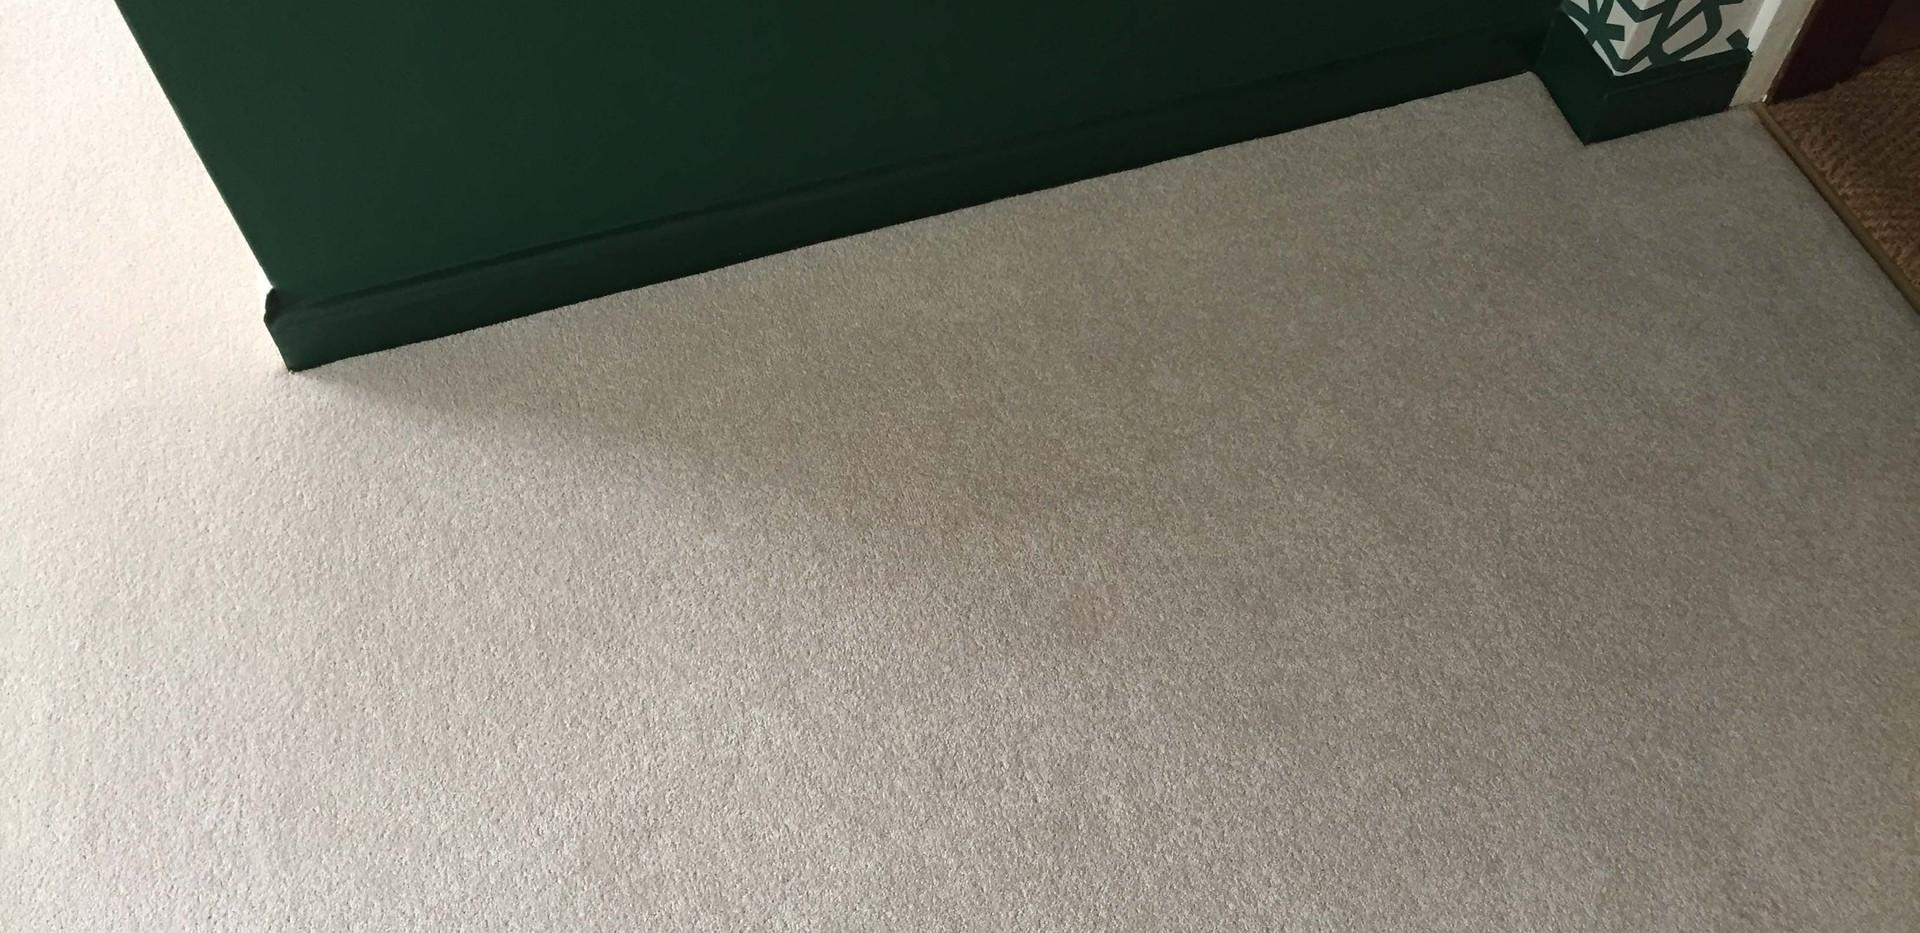 Carpet Shop Estimate, Carpets Haywards H